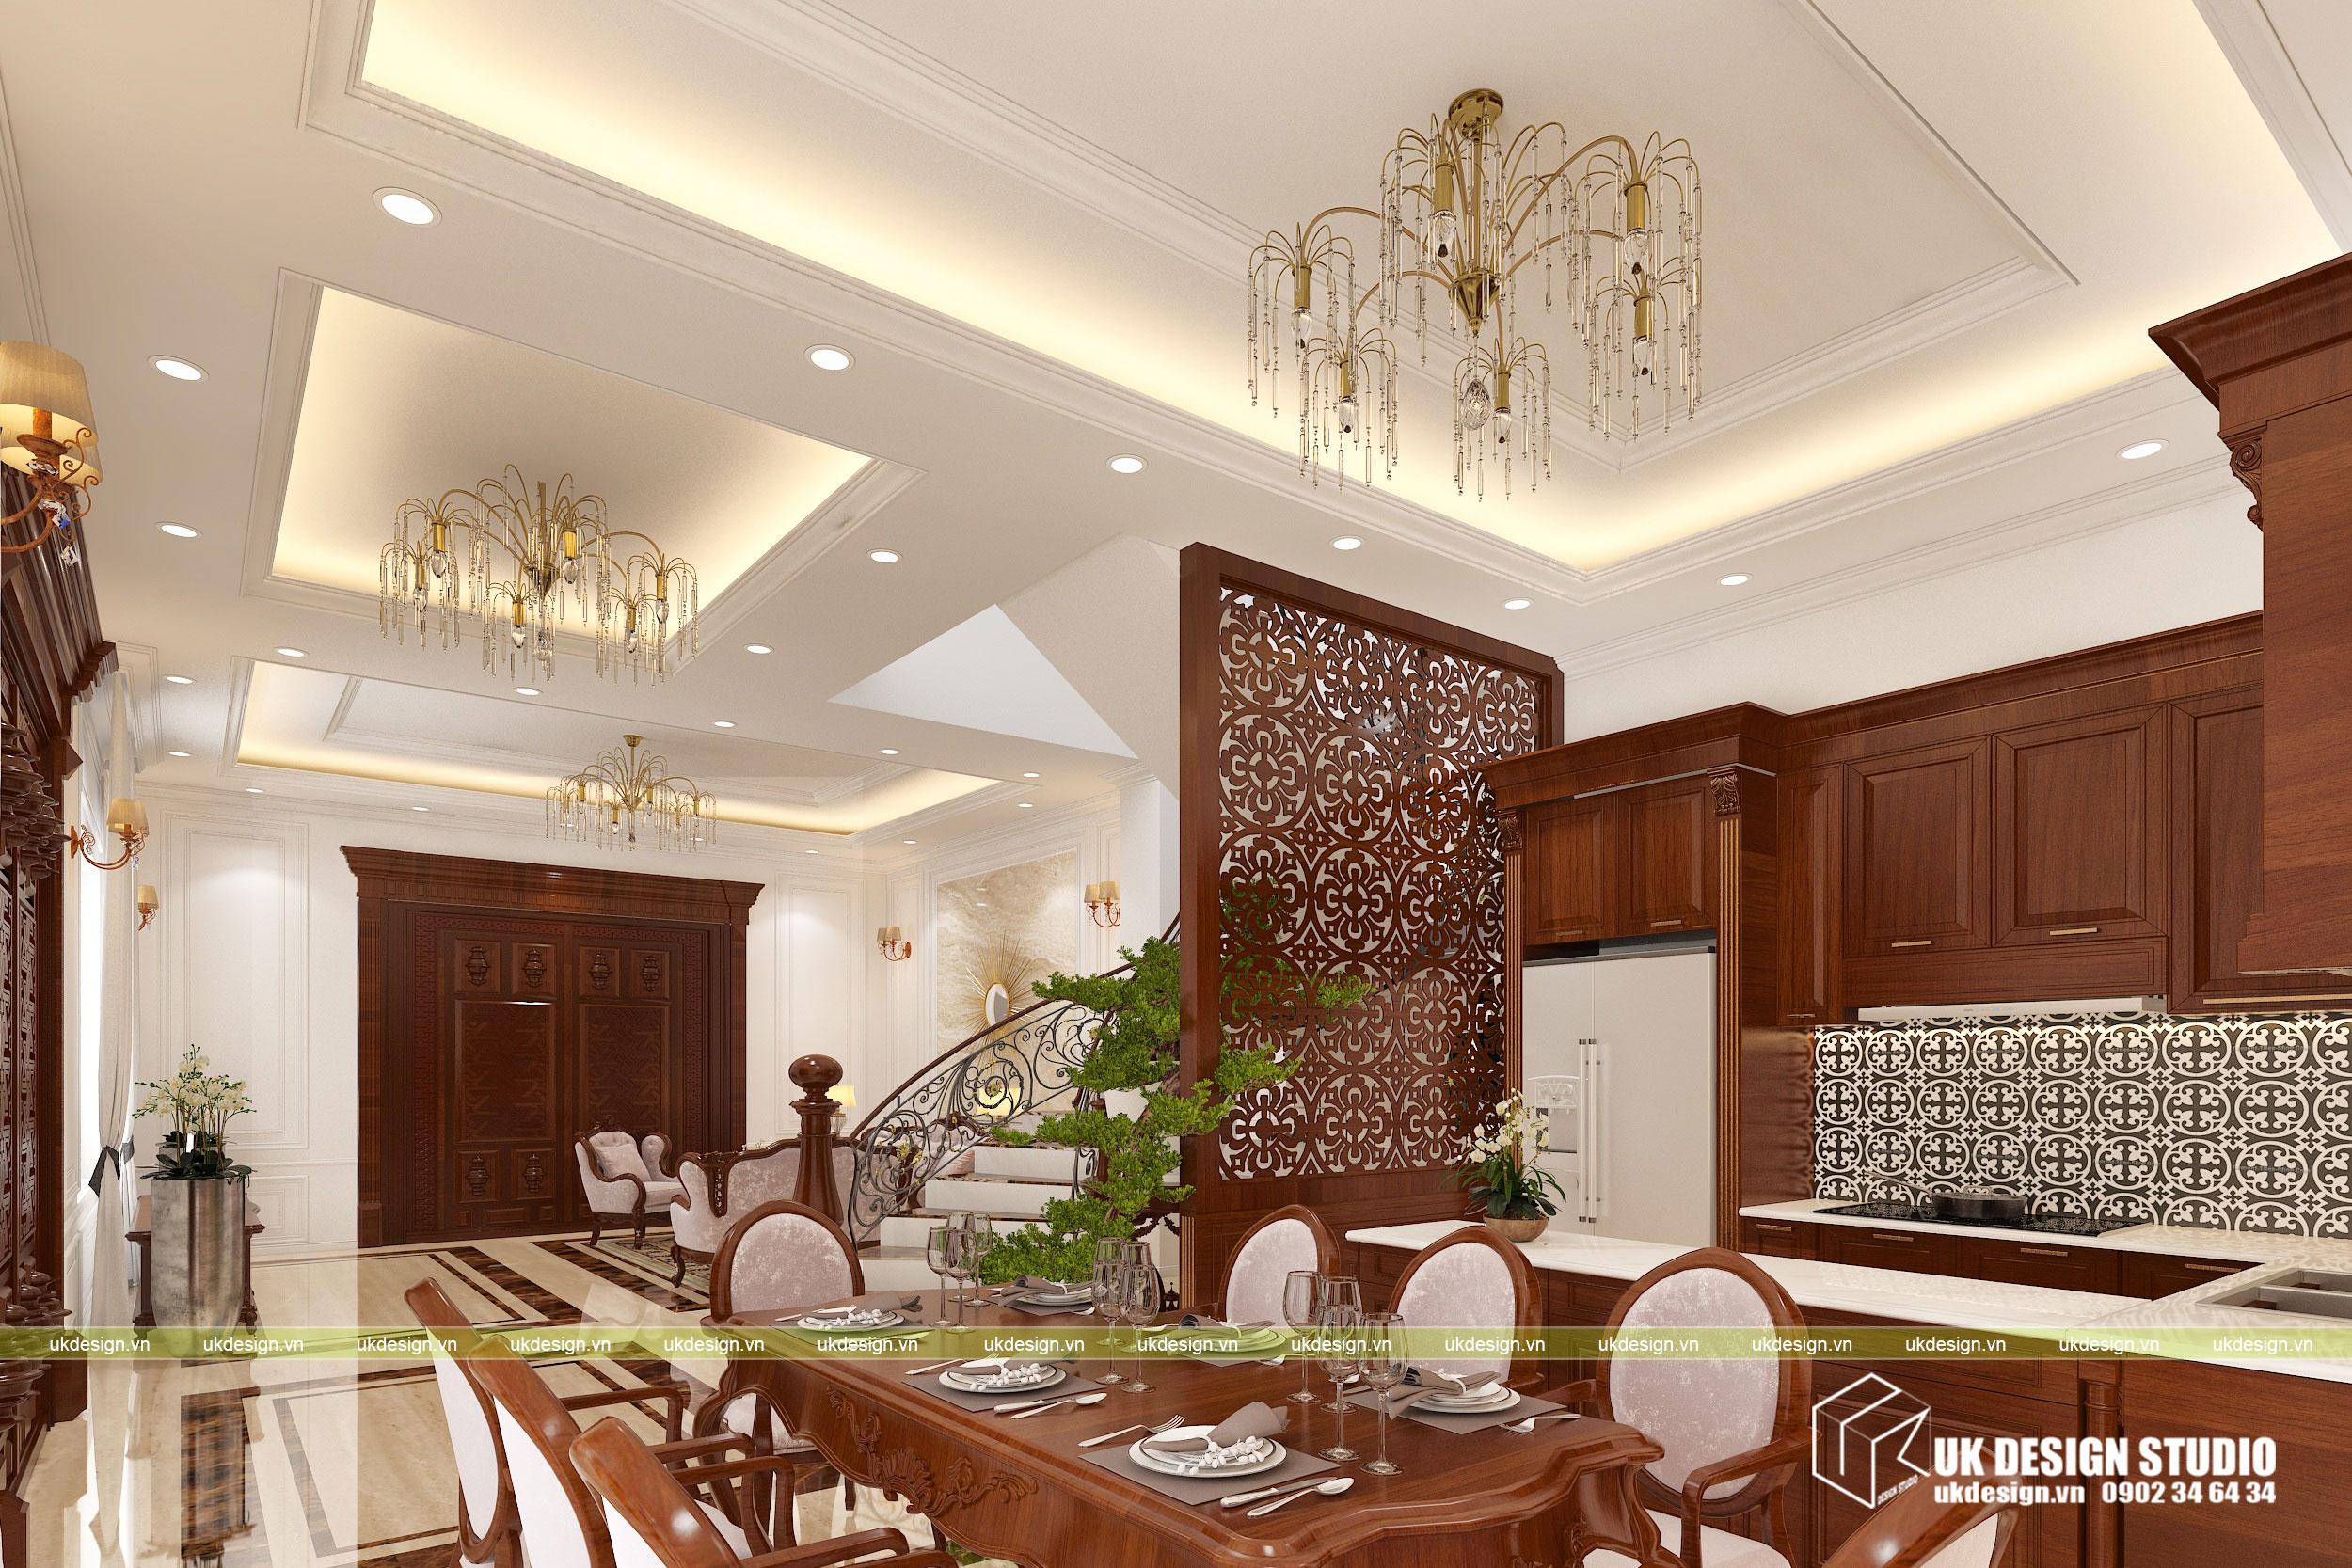 Thiết kế nội thất biệt thự cổ điển 3